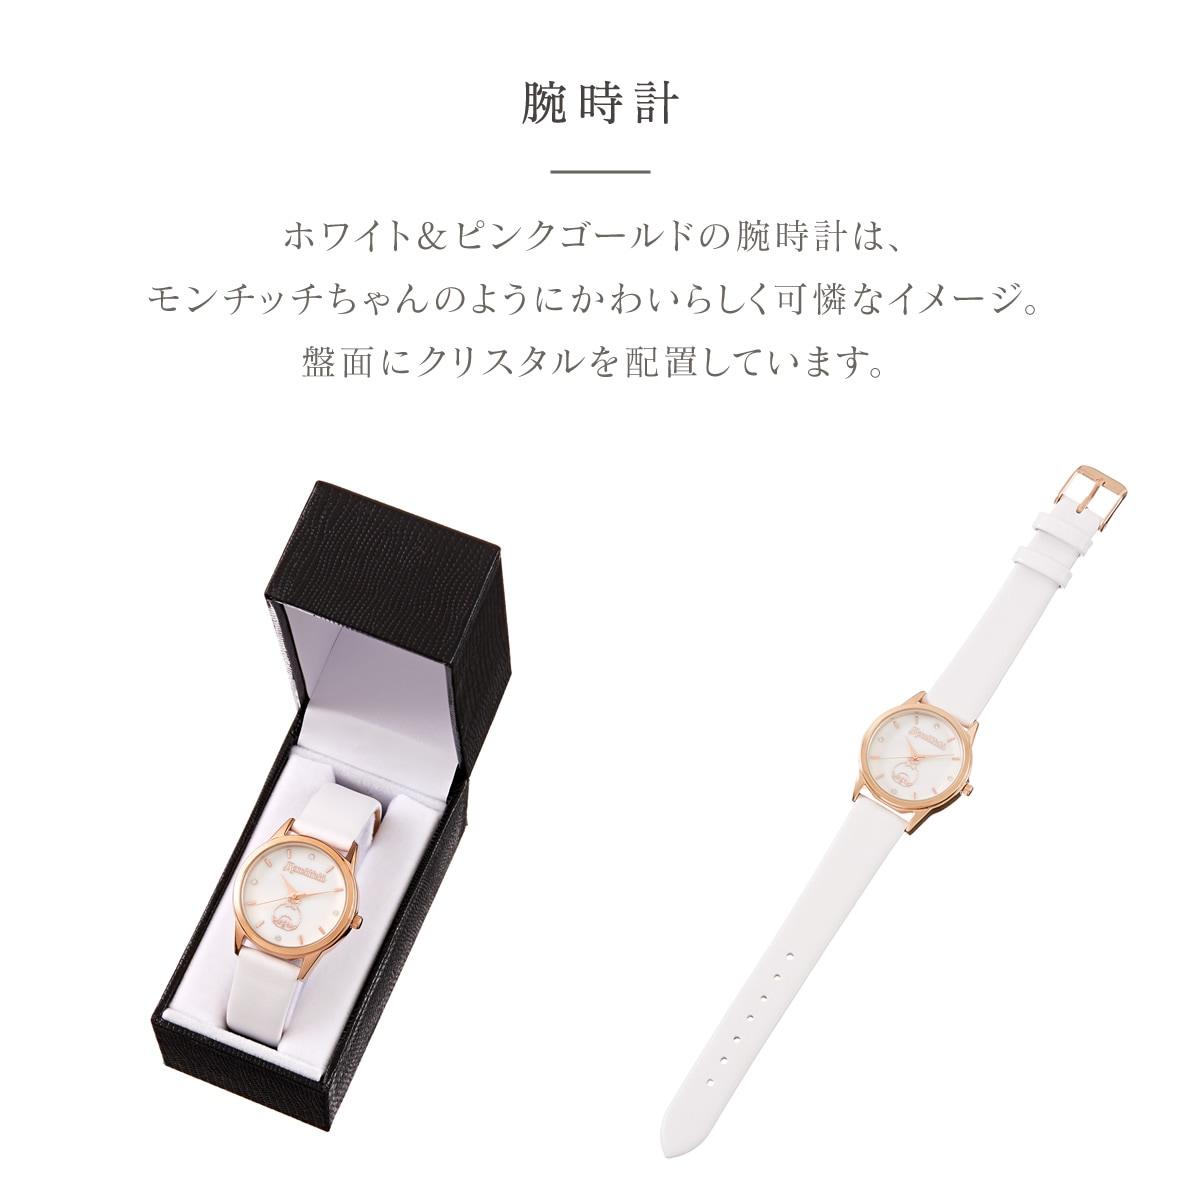 モンチッチちゃん 腕時計セット(ホワイト&ピンクゴールド) 18